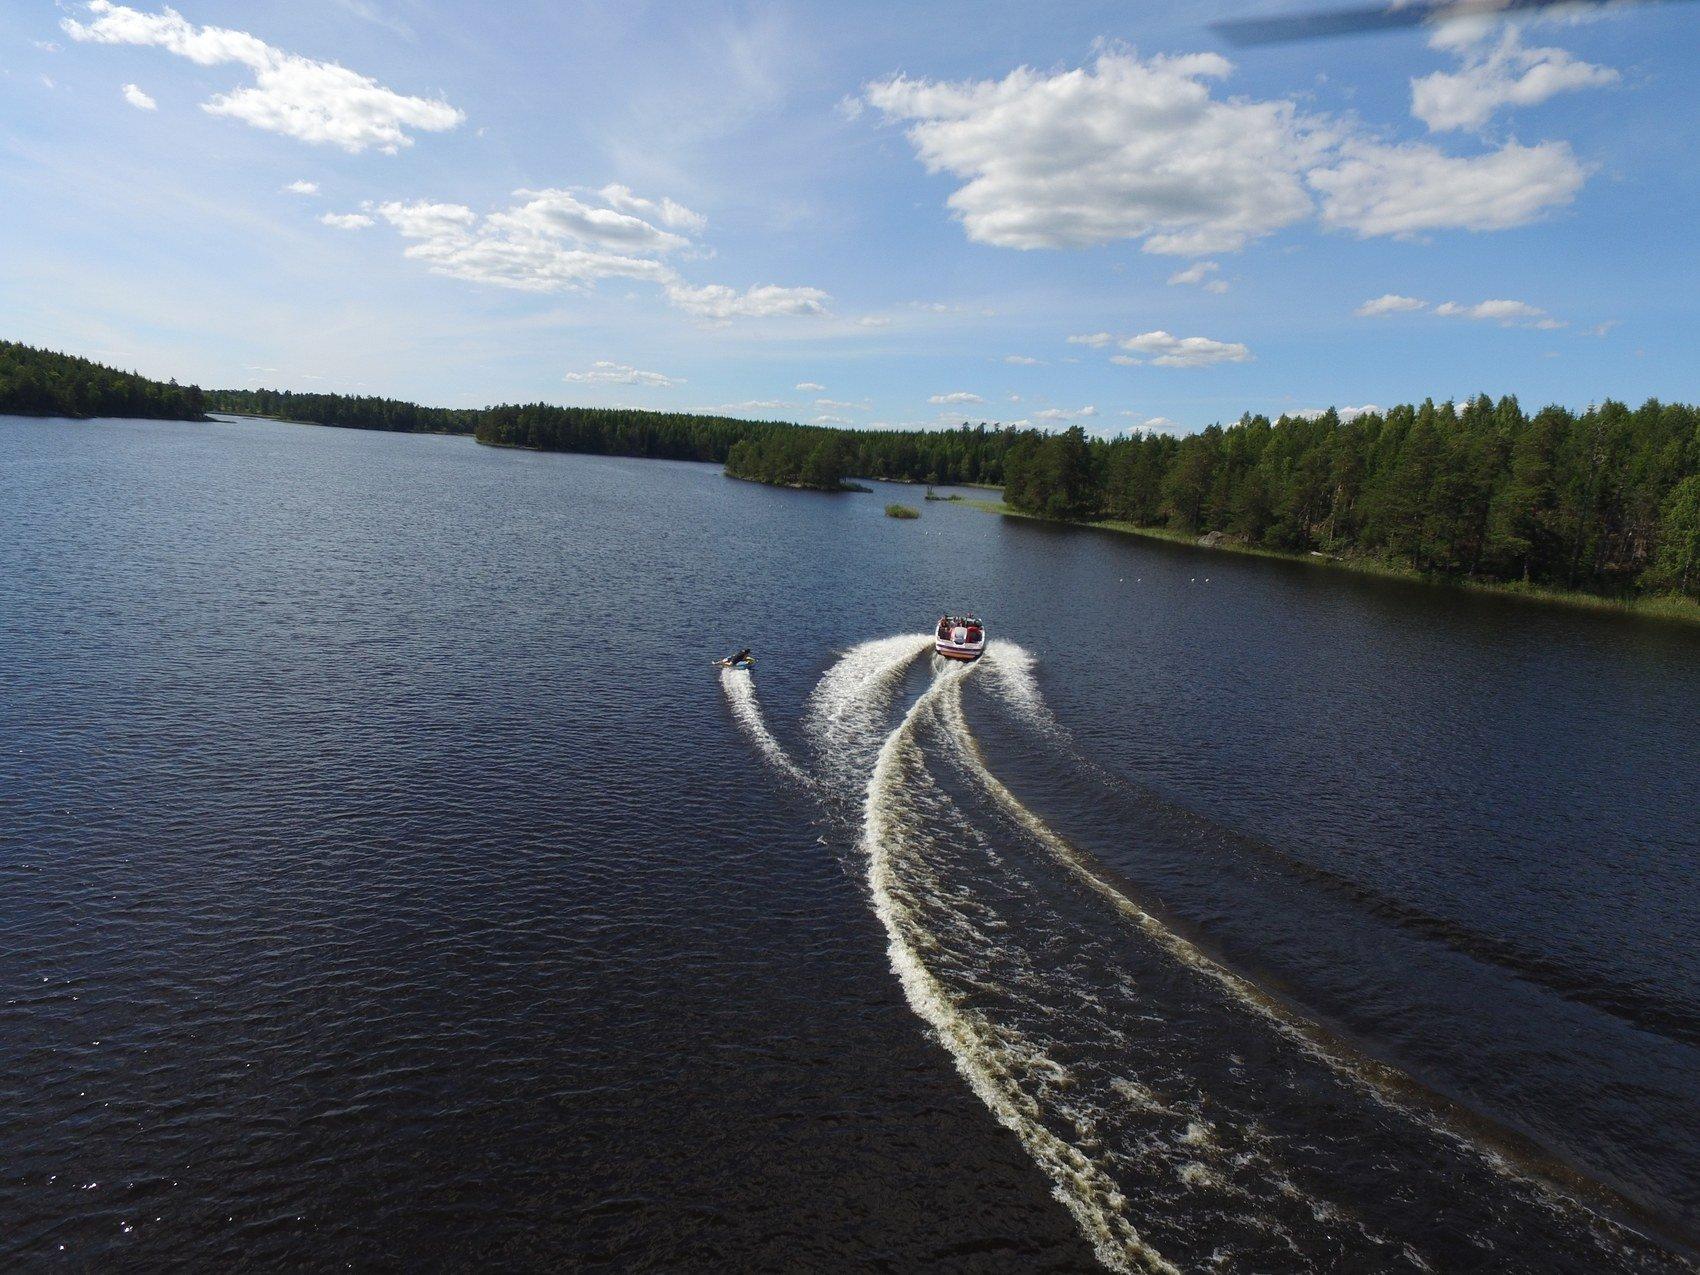 En motorbåt åker i en skogsjö. En person åker vattenskidor.